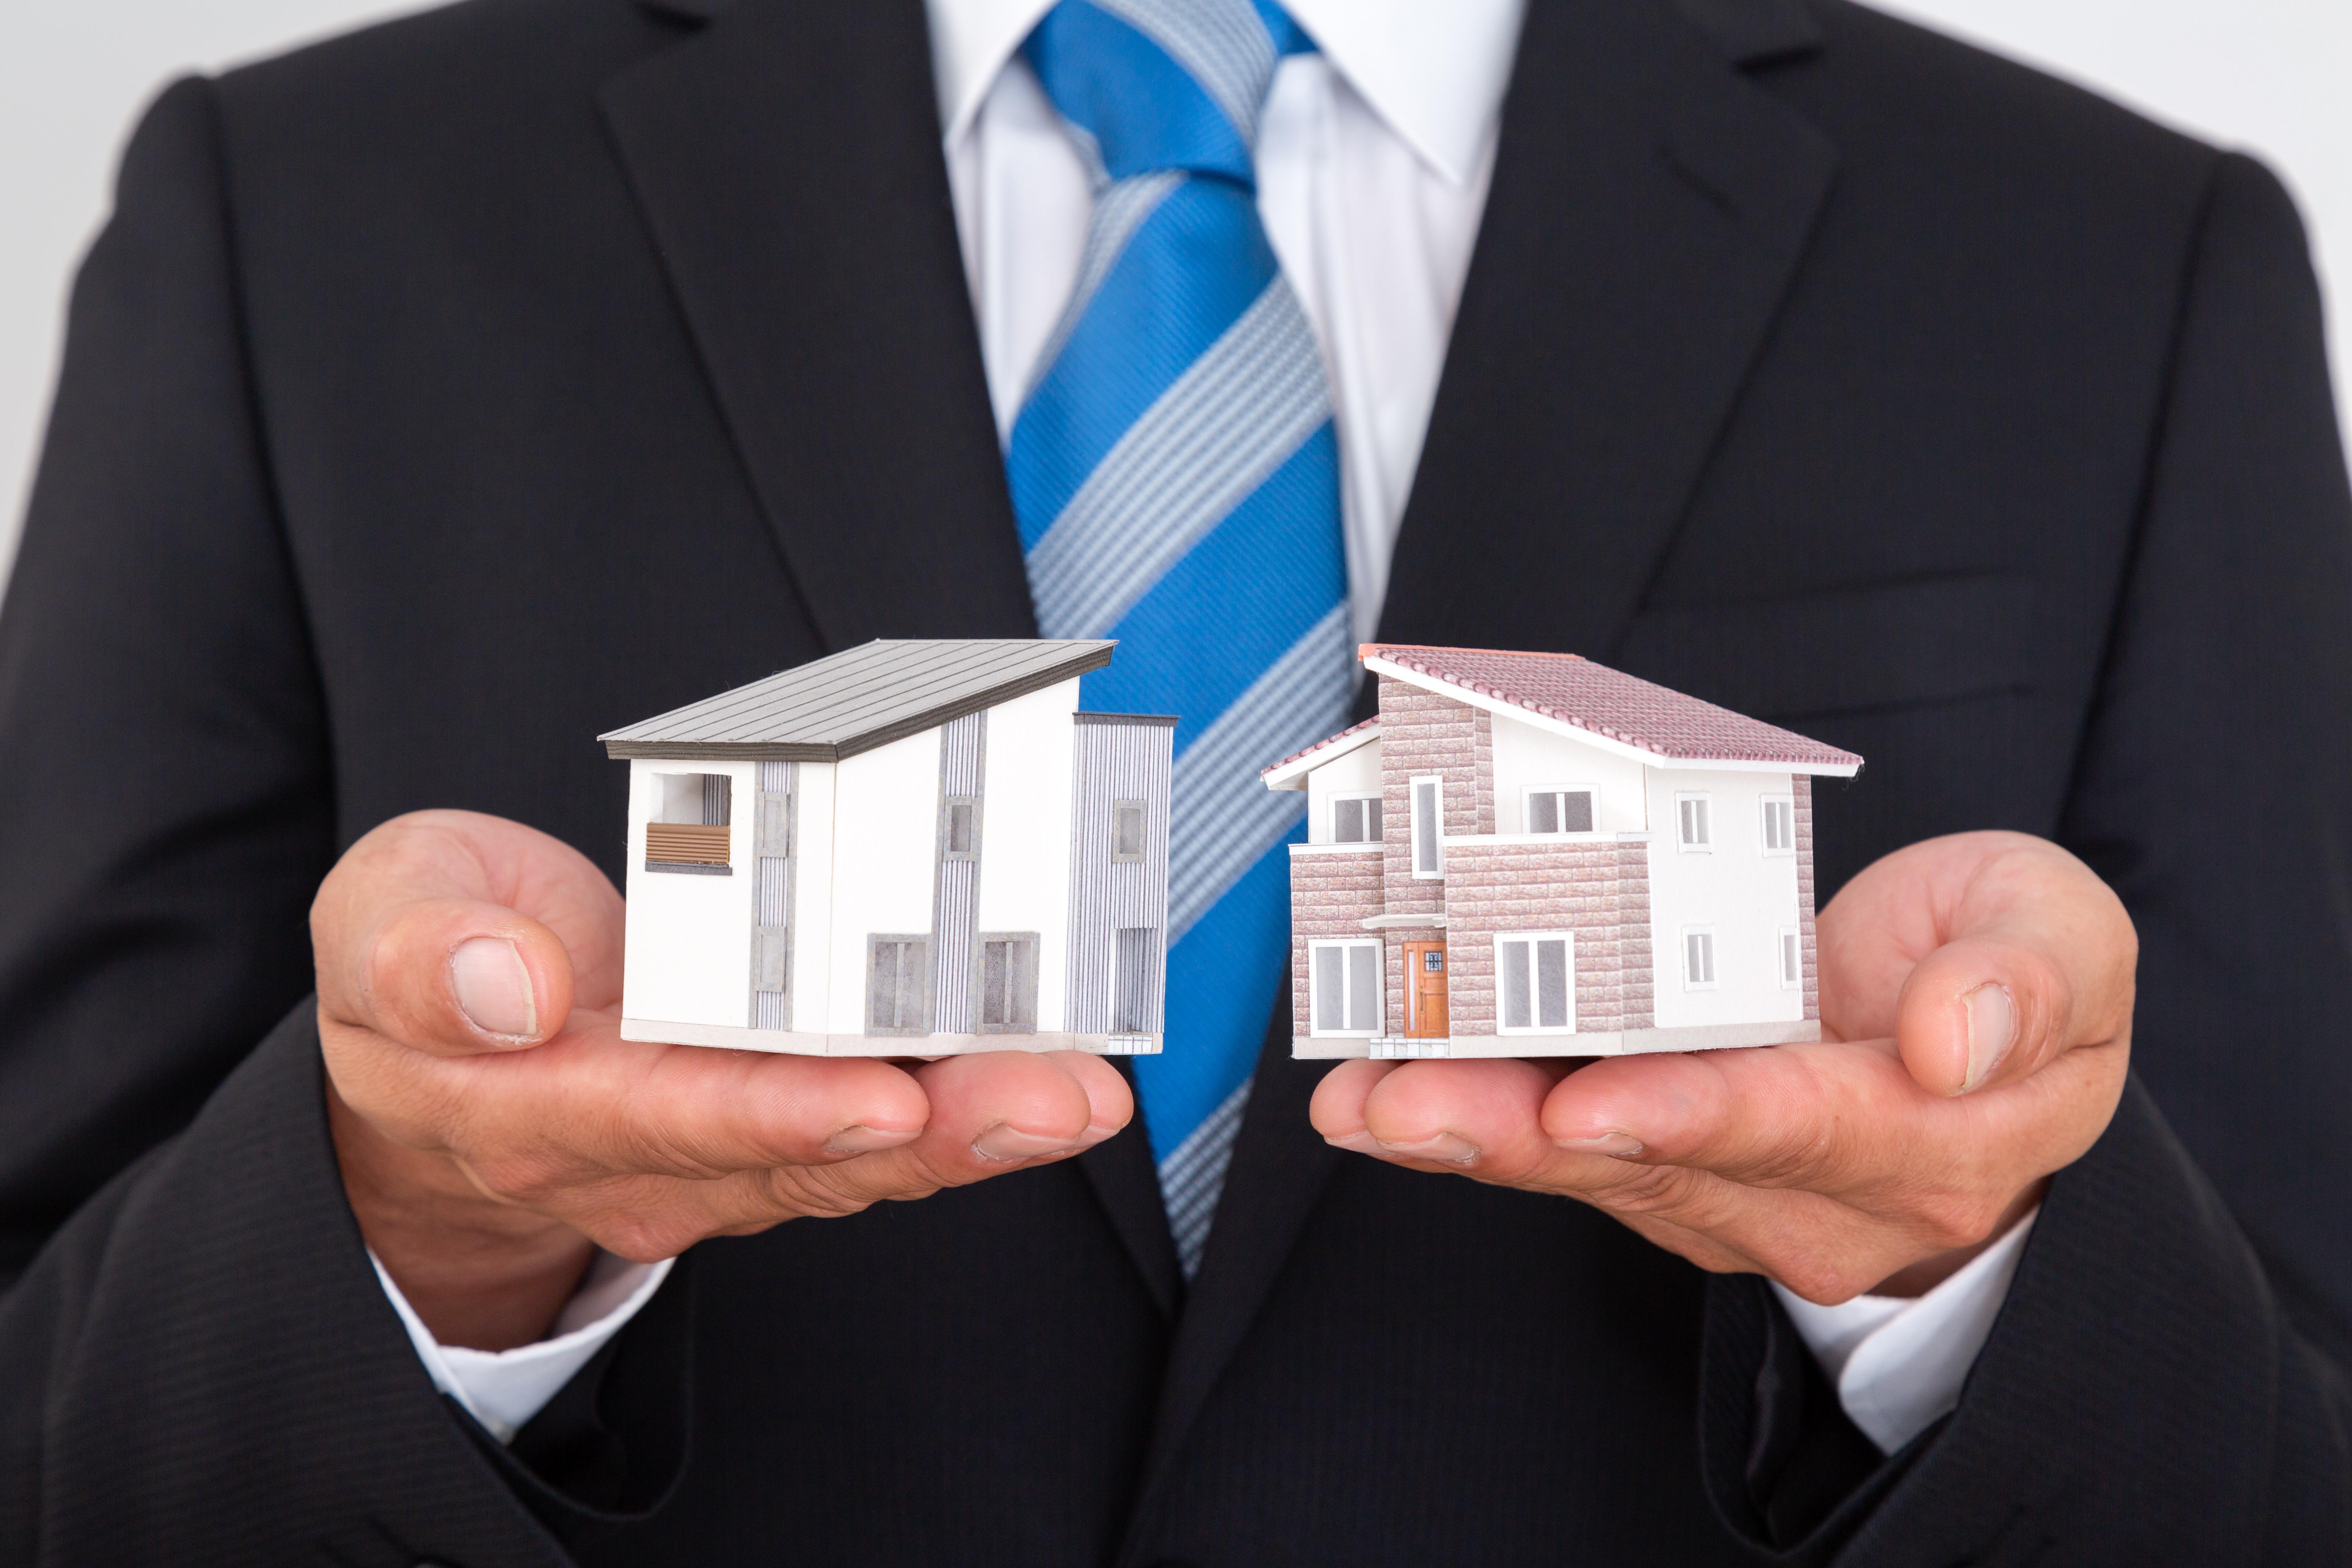 注文住宅と建売住宅はどちらが良いの?